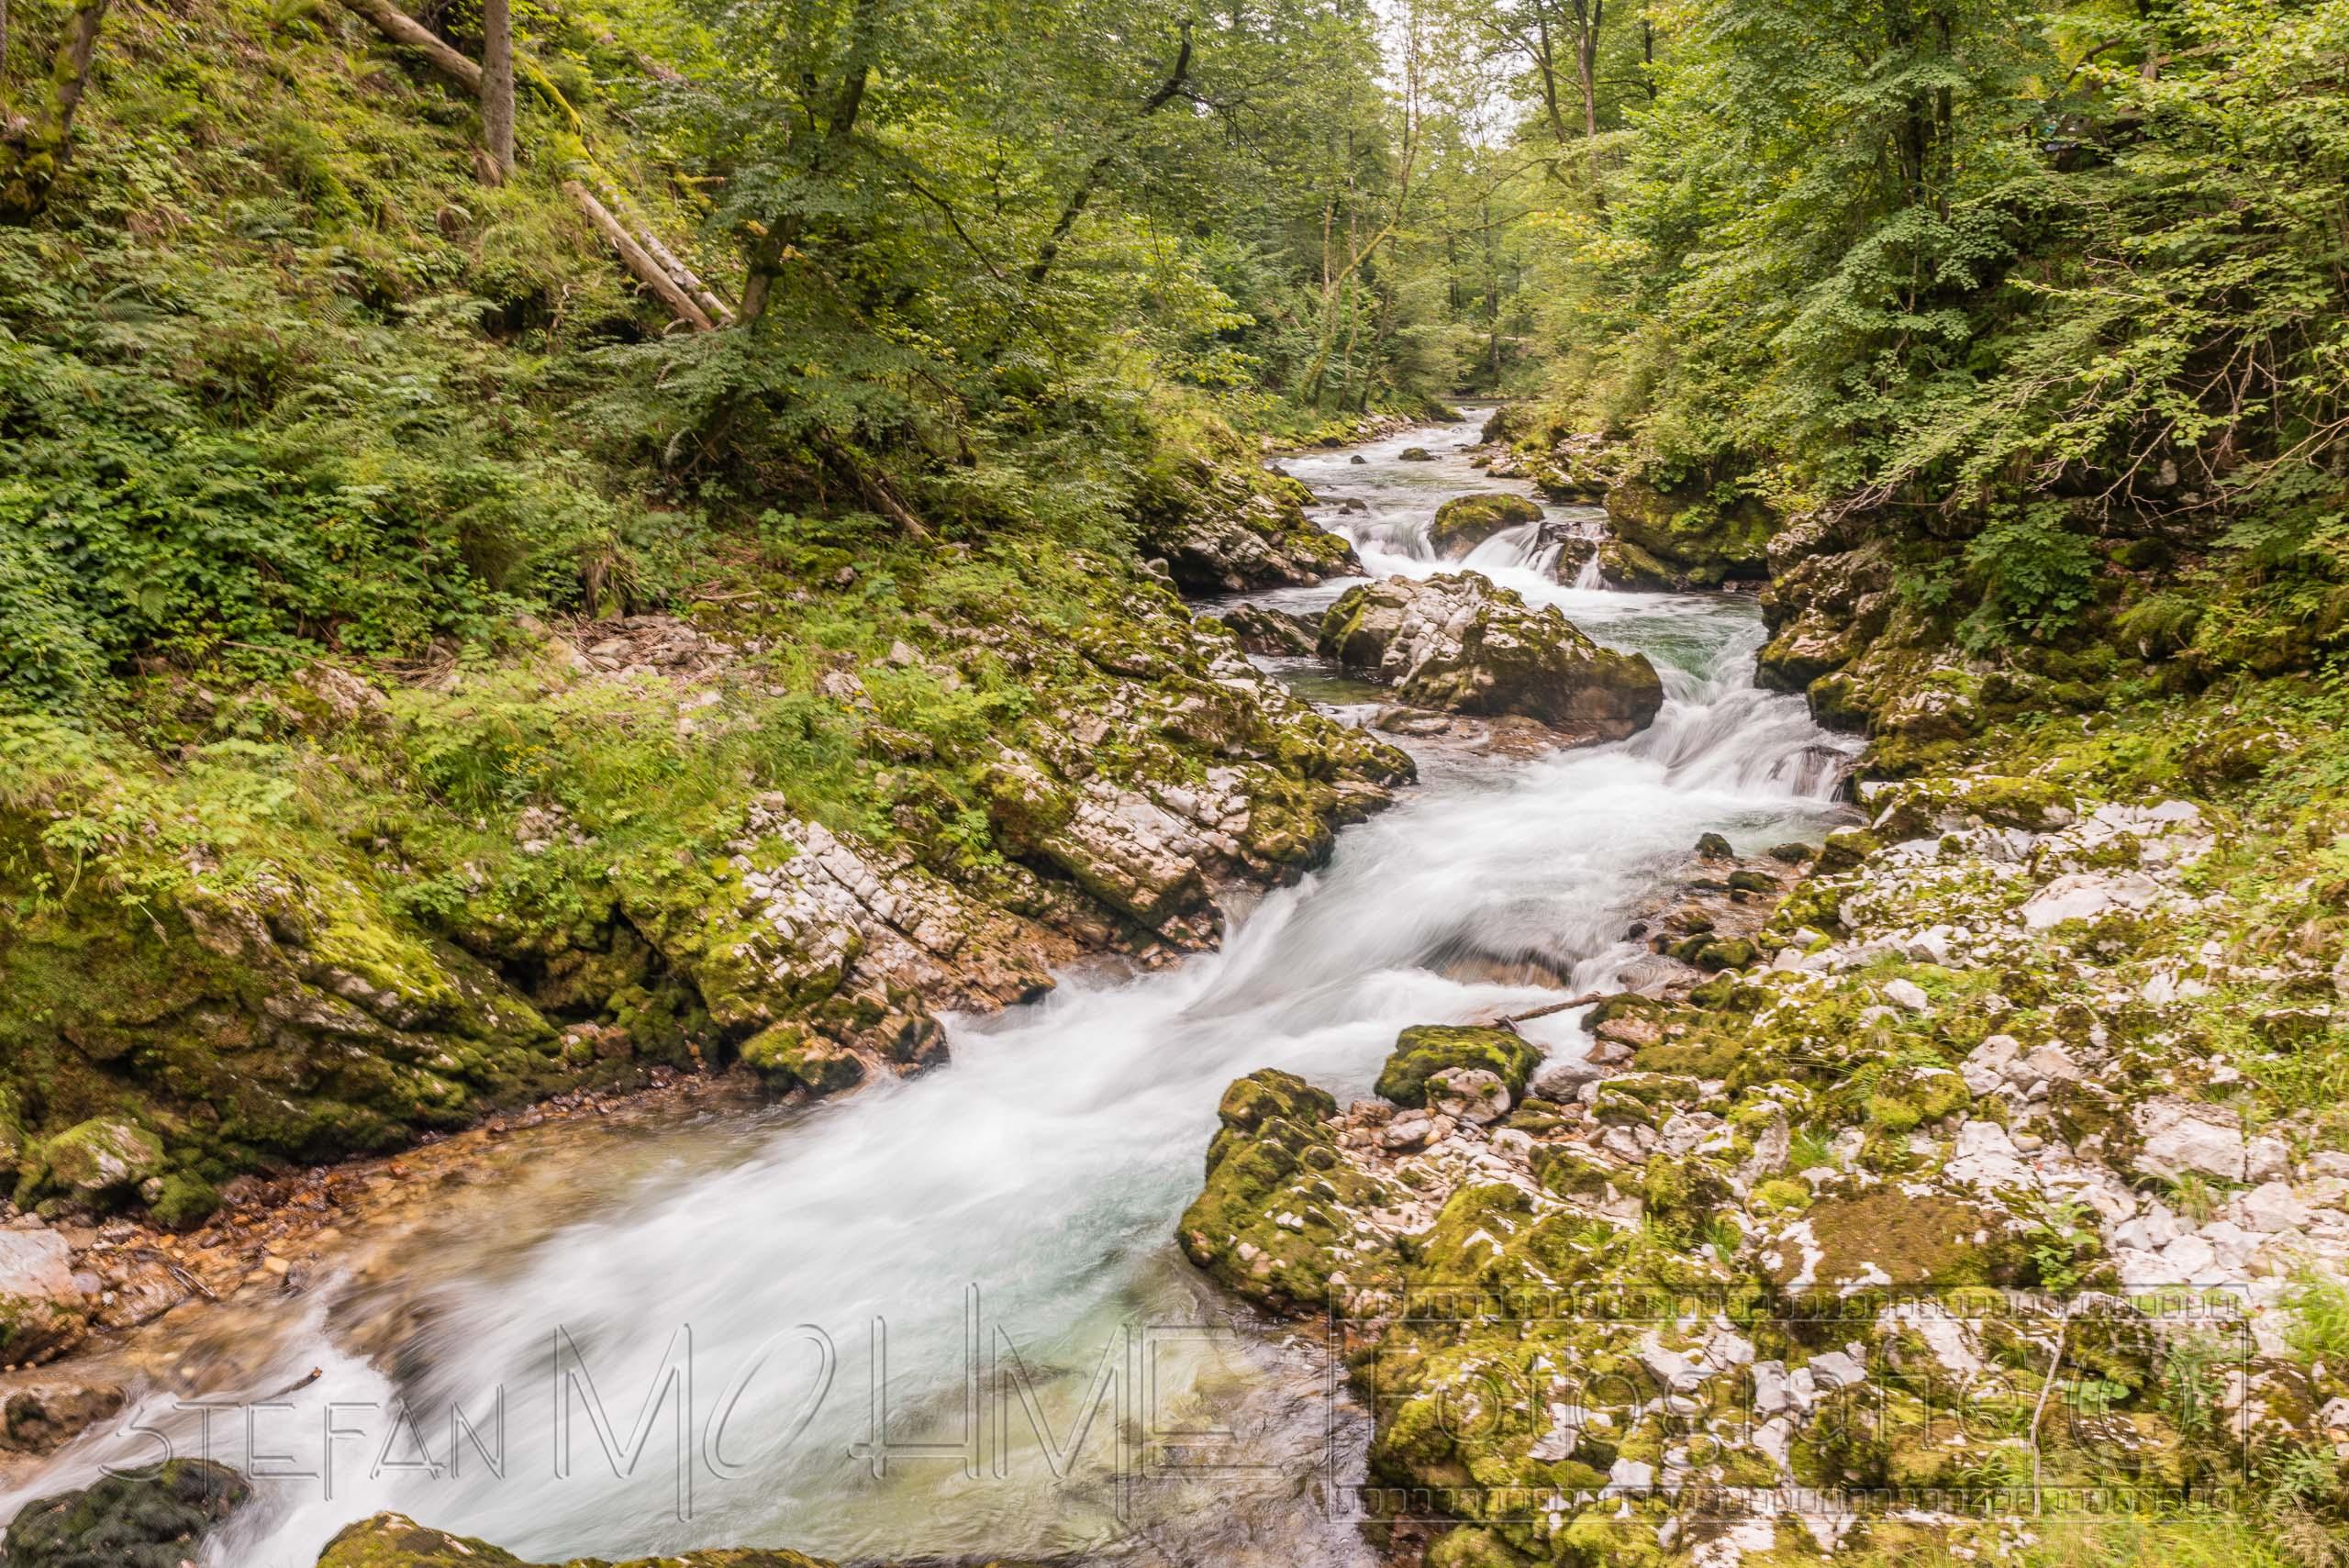 Slowenien Bled Wanderung durch die Vintgar Klamm.